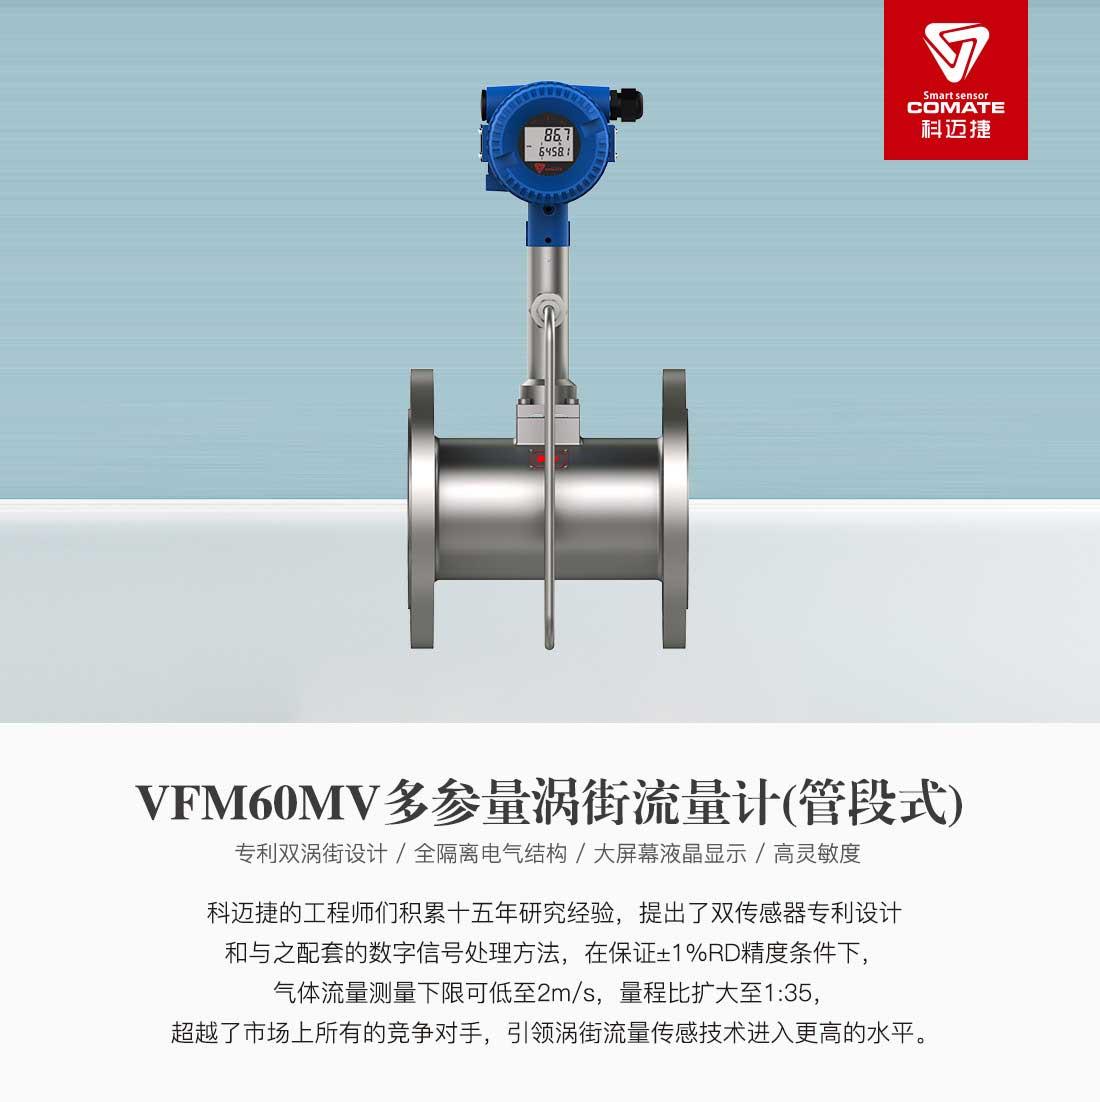 VFM60MV(管段式)_01.jpg